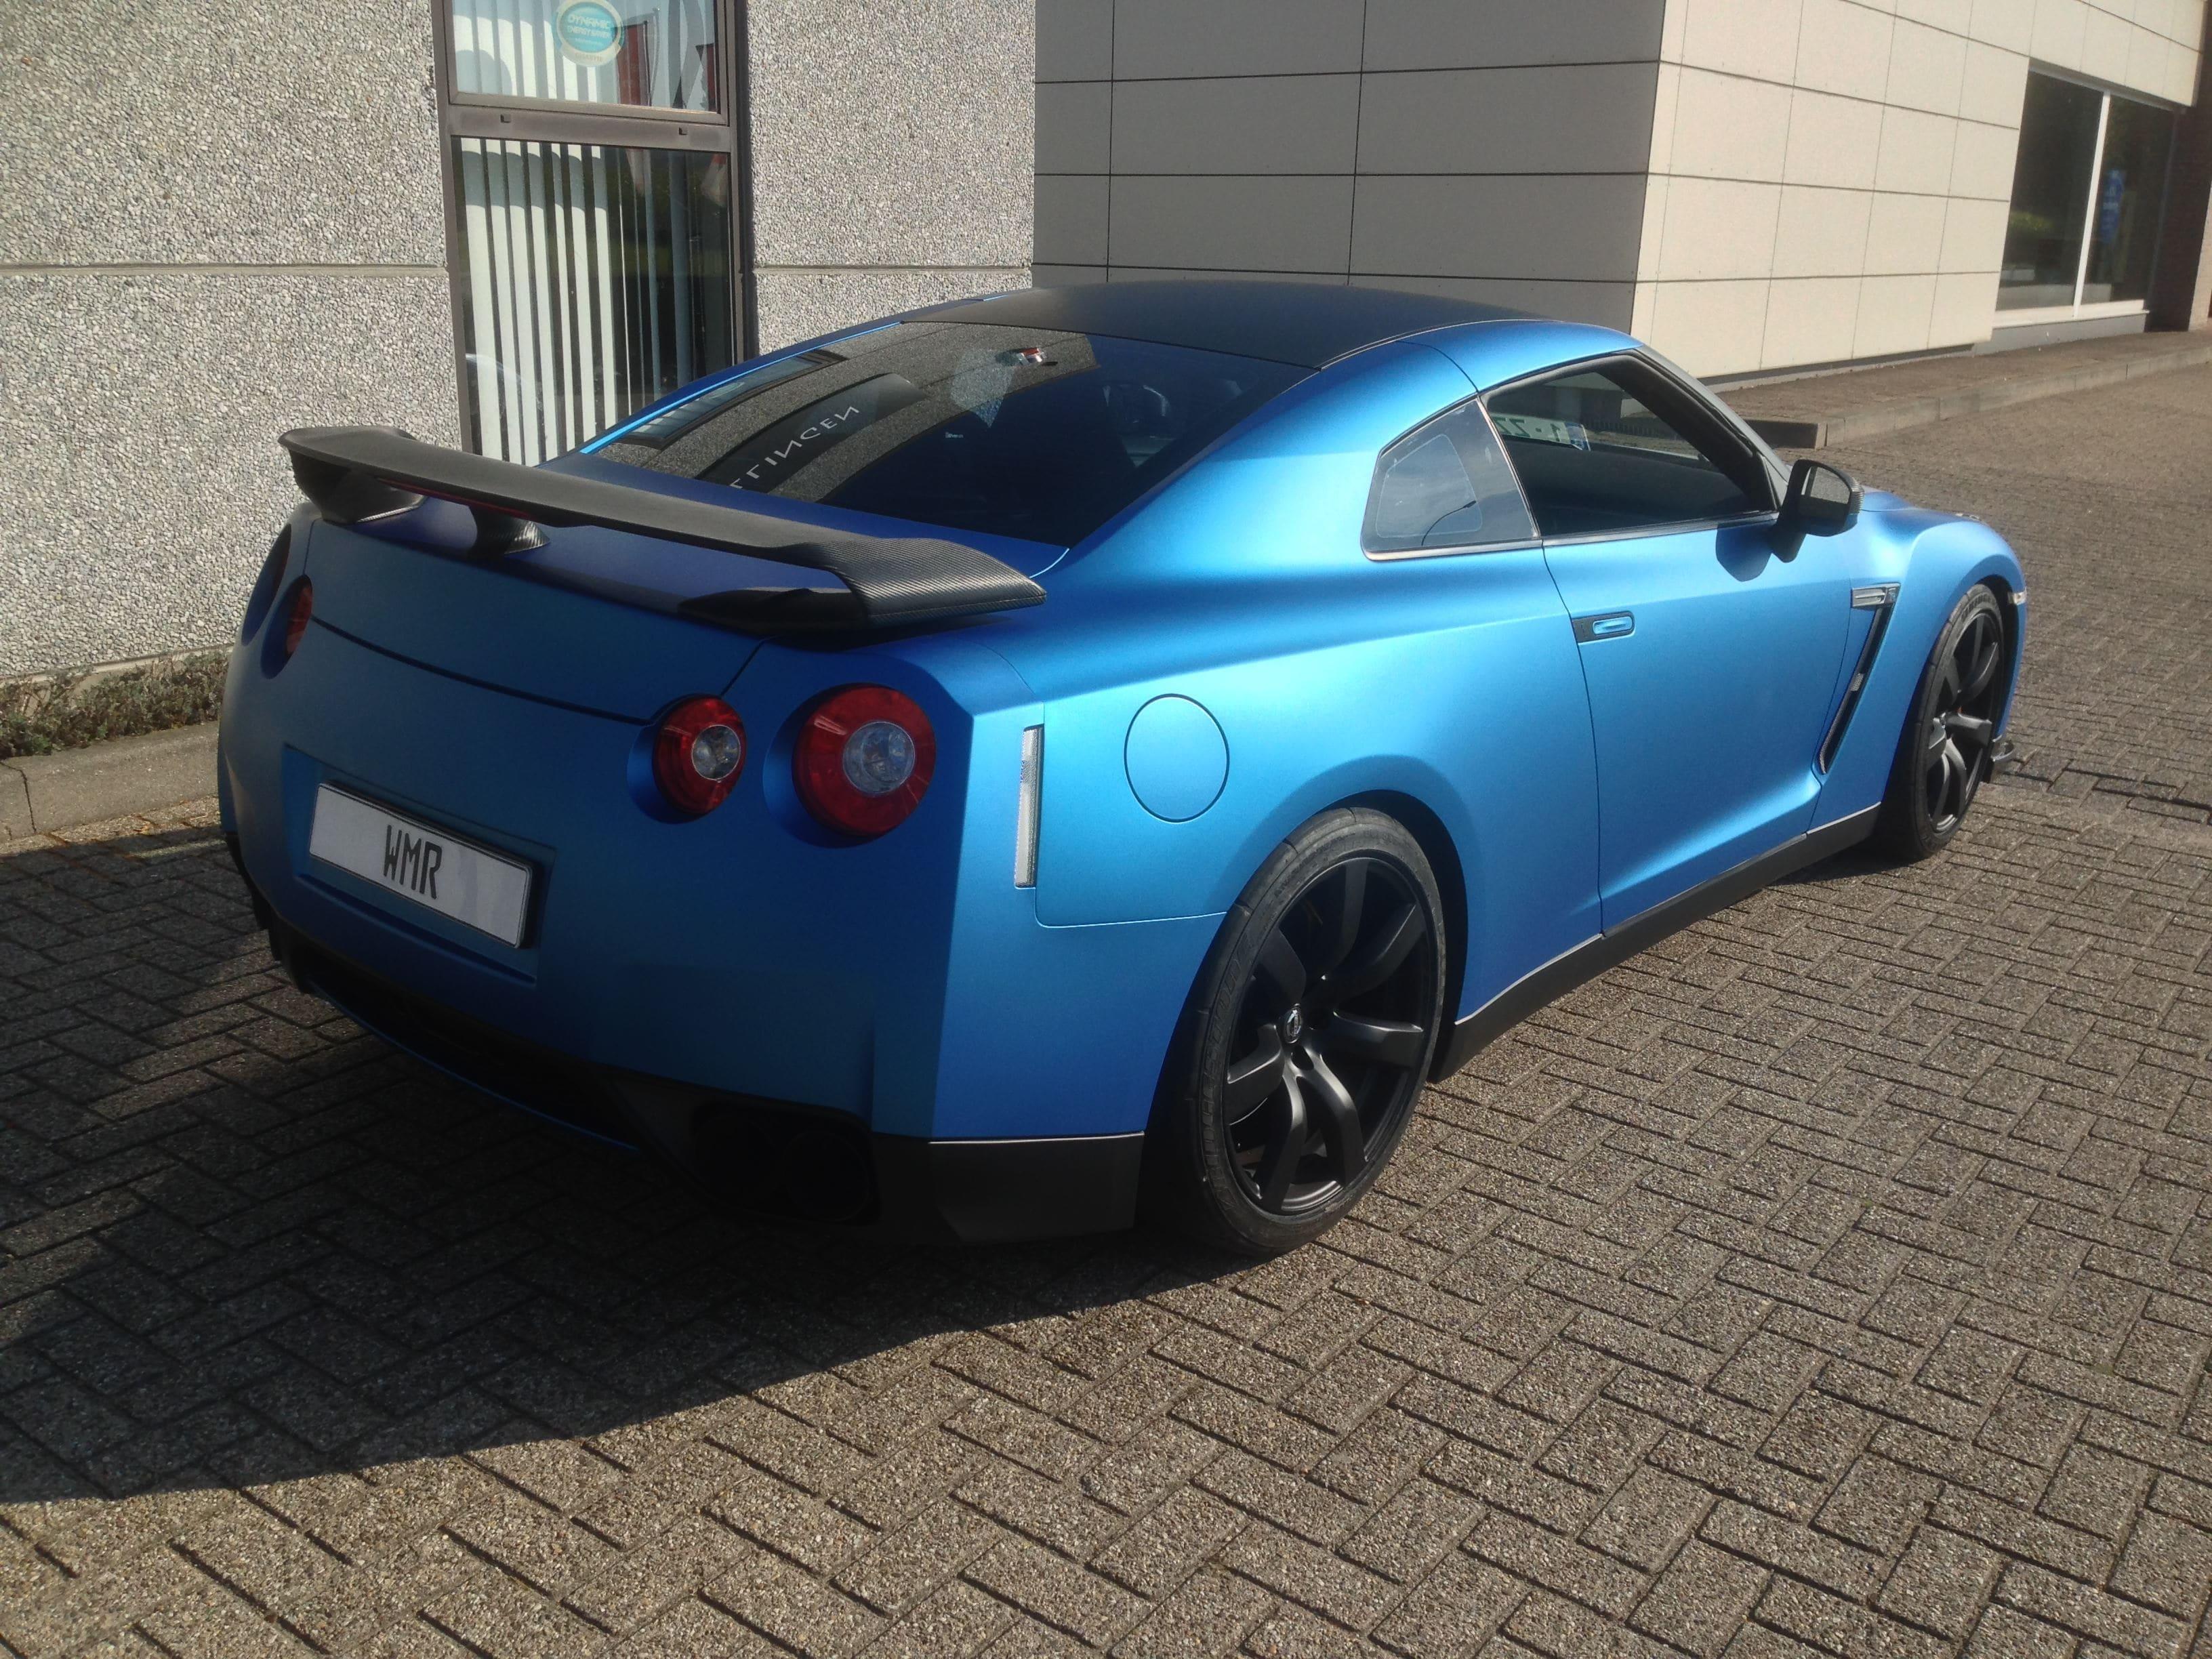 Nissan GT-R in Mat Blauwe Wrap, Carwrapping door Wrapmyride.nu Foto-nr:6537, ©2021